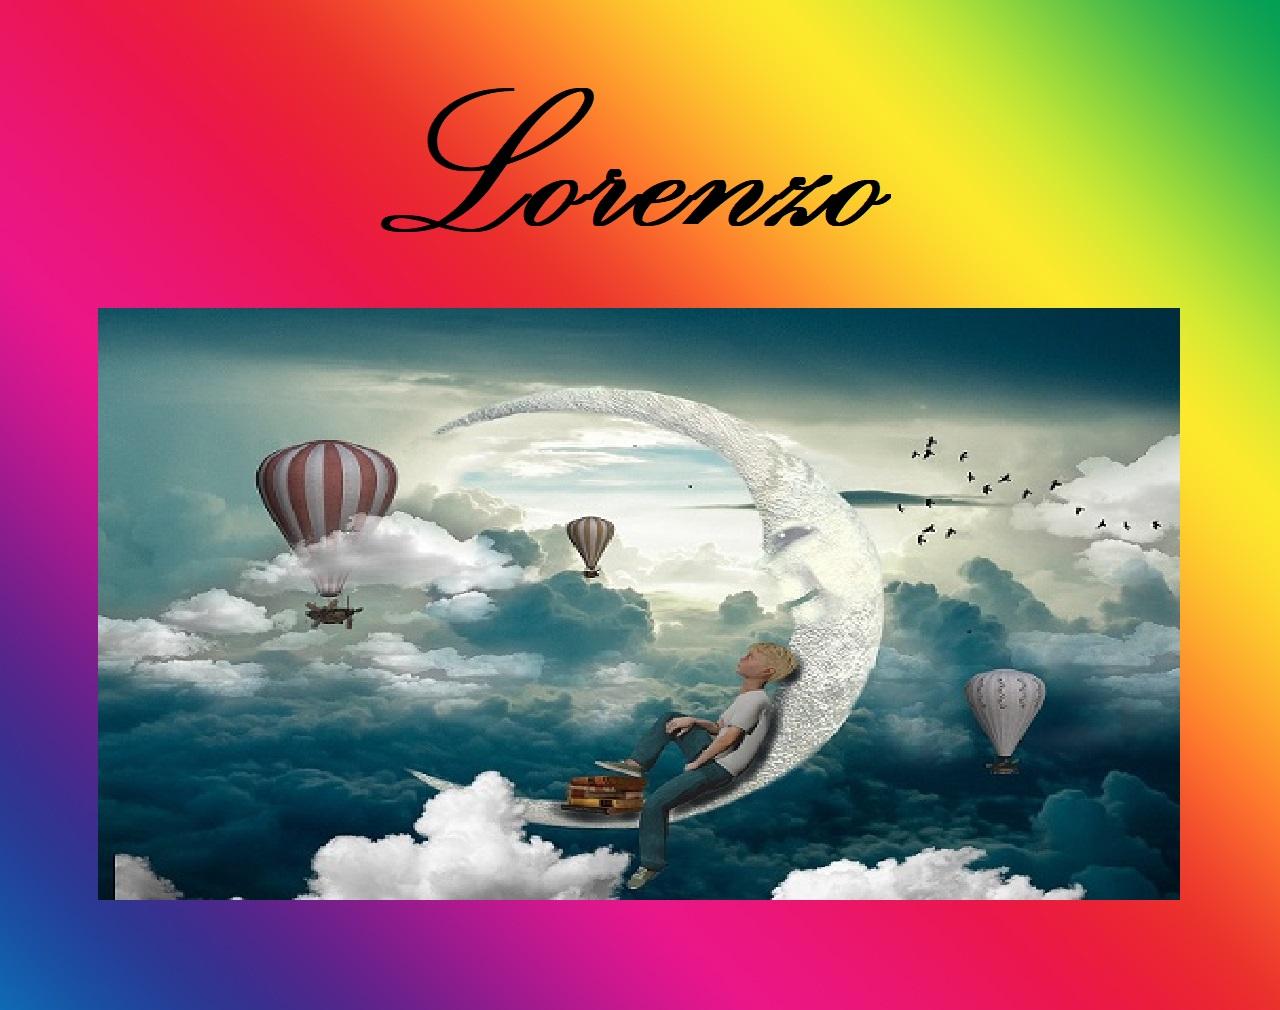 lorenzo-avatar-2-1